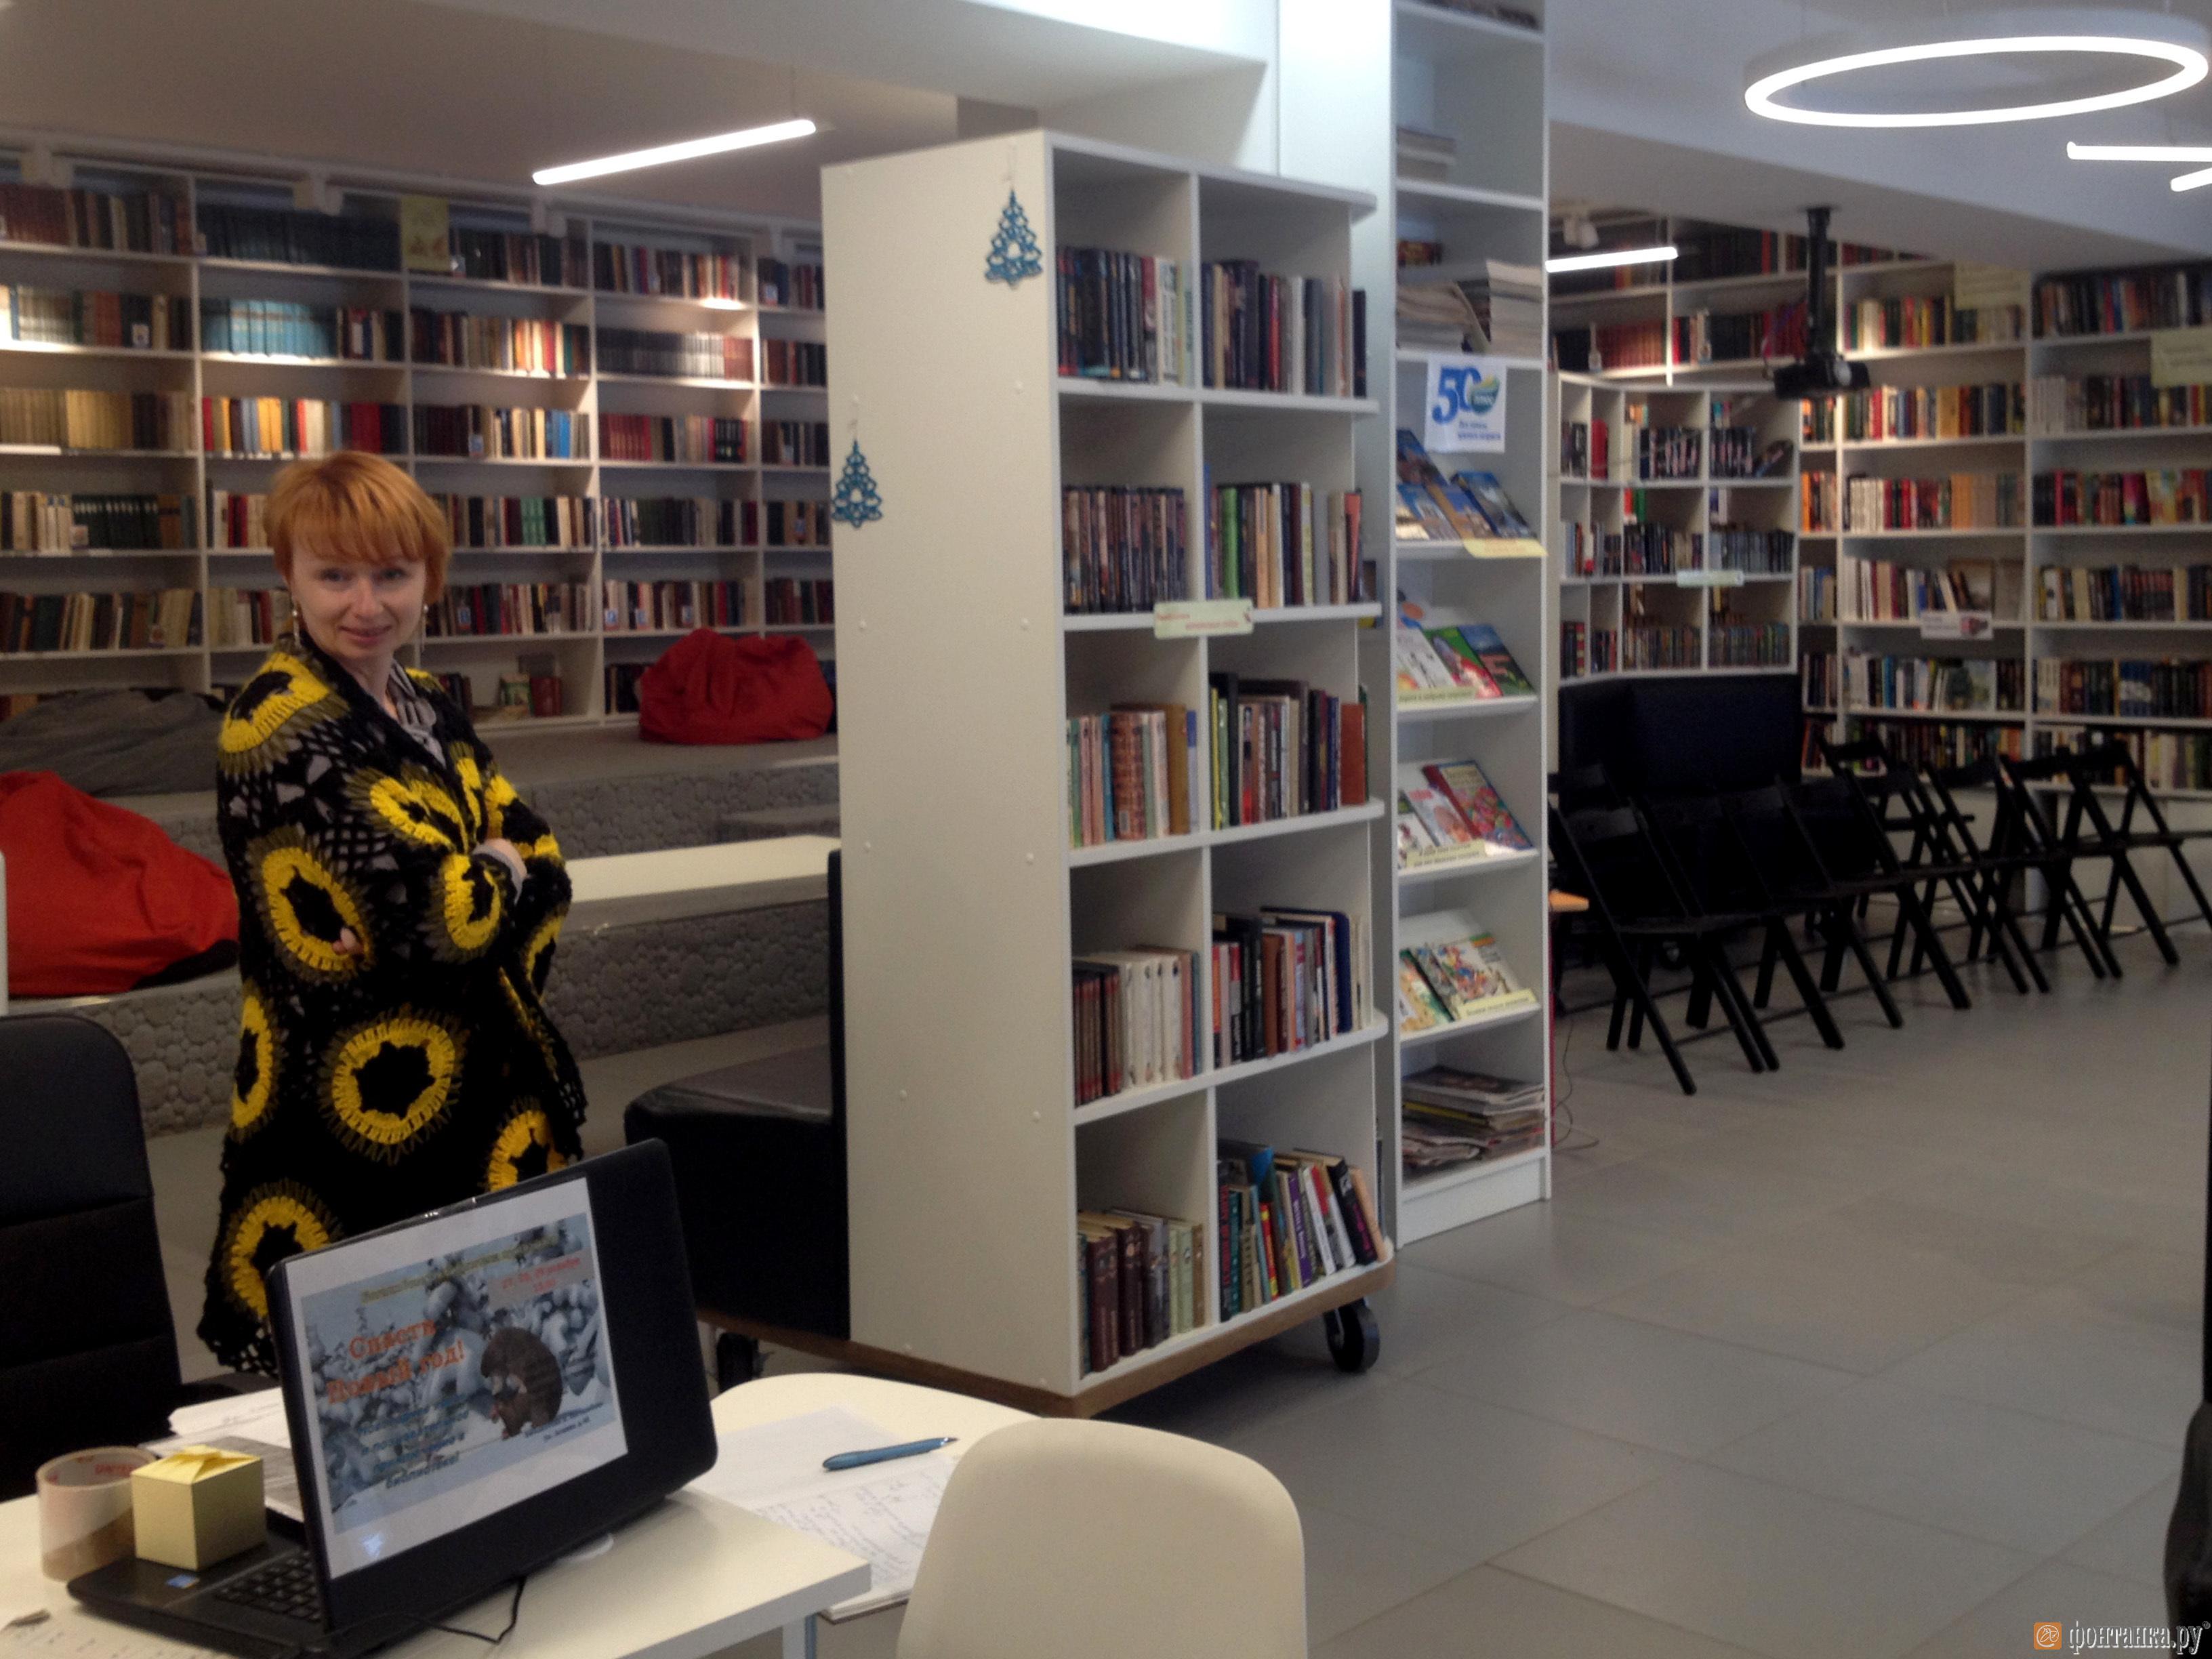 Ольга Андон, заведующая библиотекой